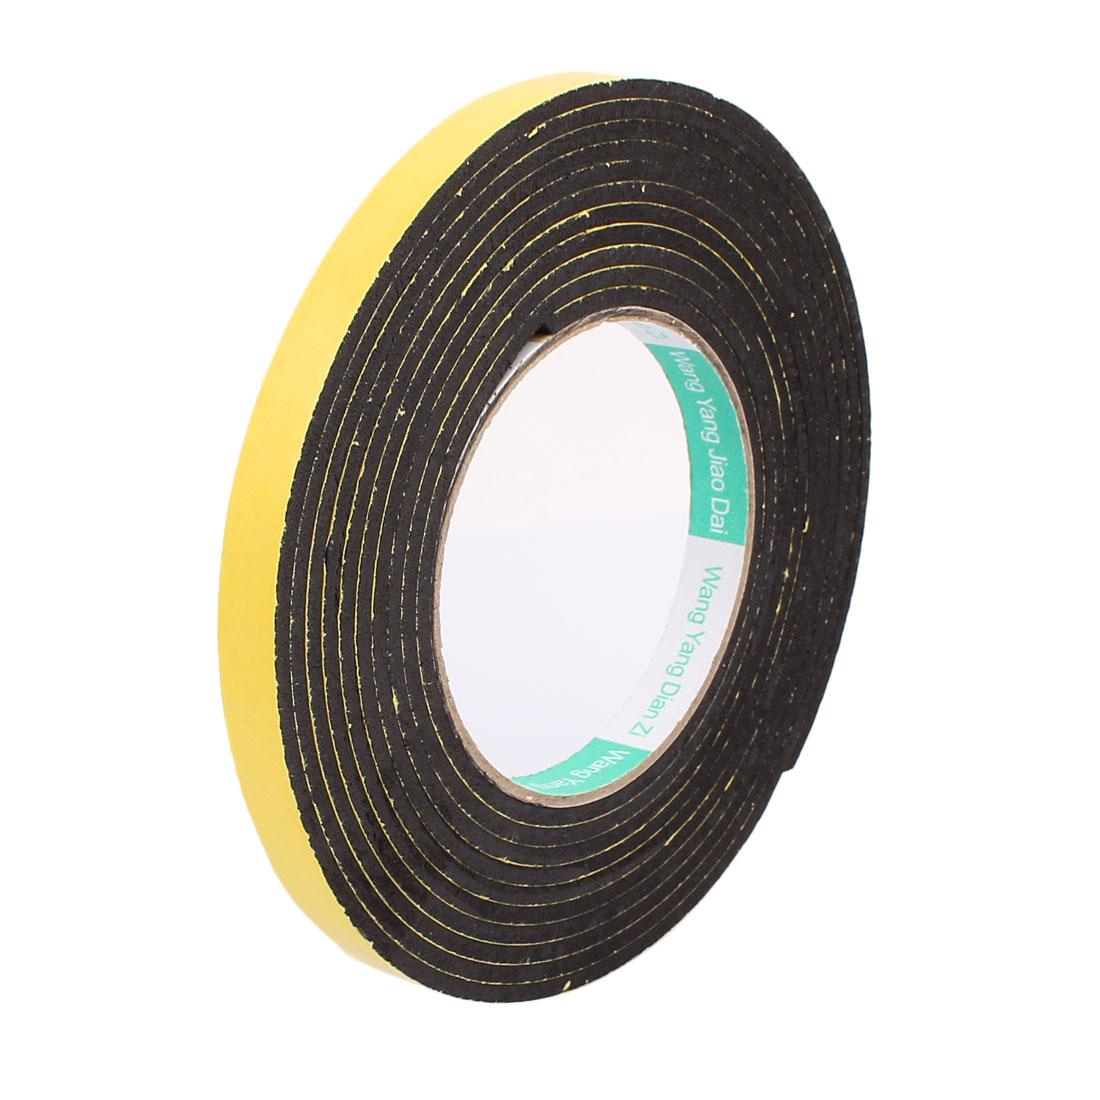 12mm Width Single Side Self Adhesive Shockproof Sponge Foam Tape 4 Meters Length